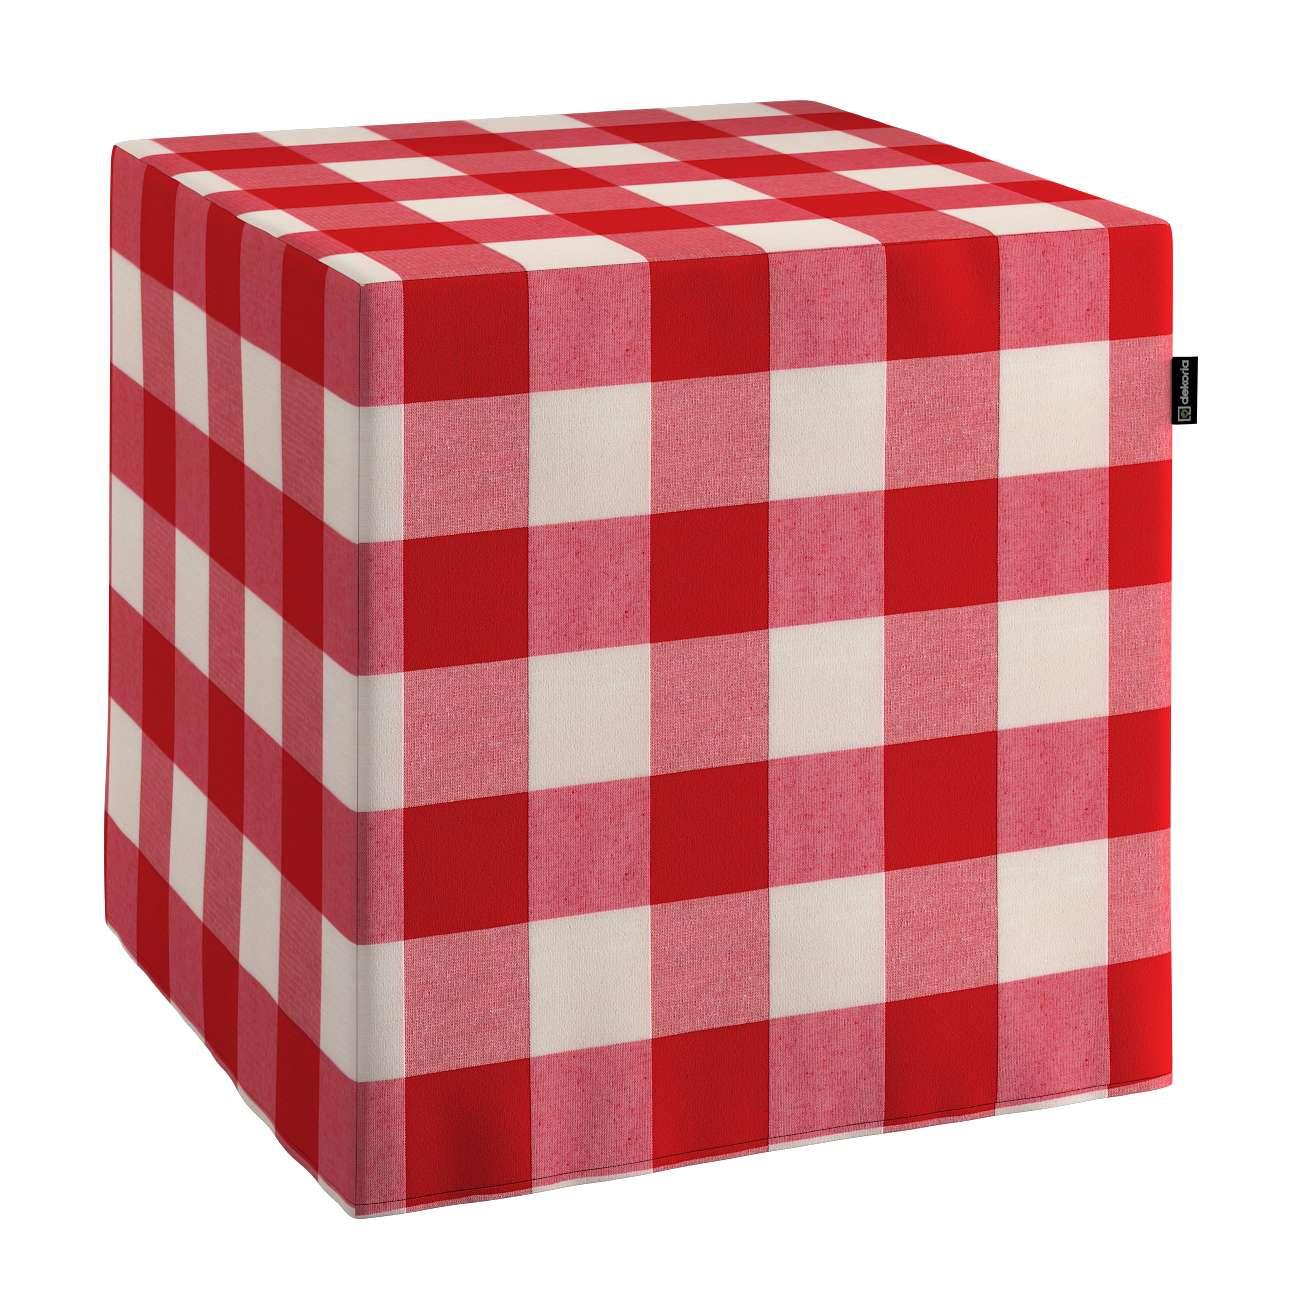 Pokrowiec na pufę kostke w kolekcji Quadro, tkanina: 136-18